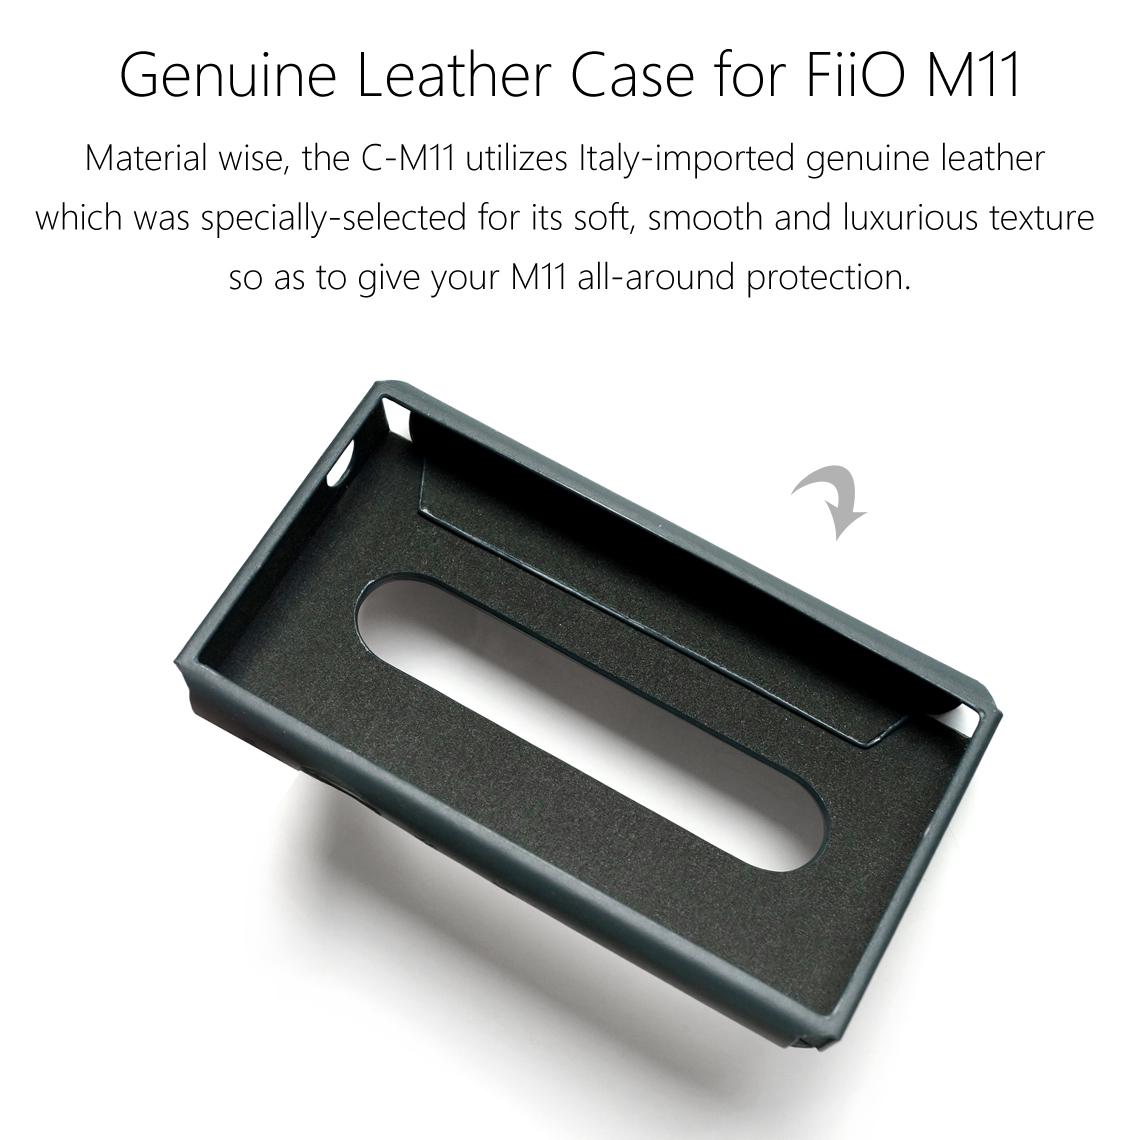 FiiO M11 Leather Case